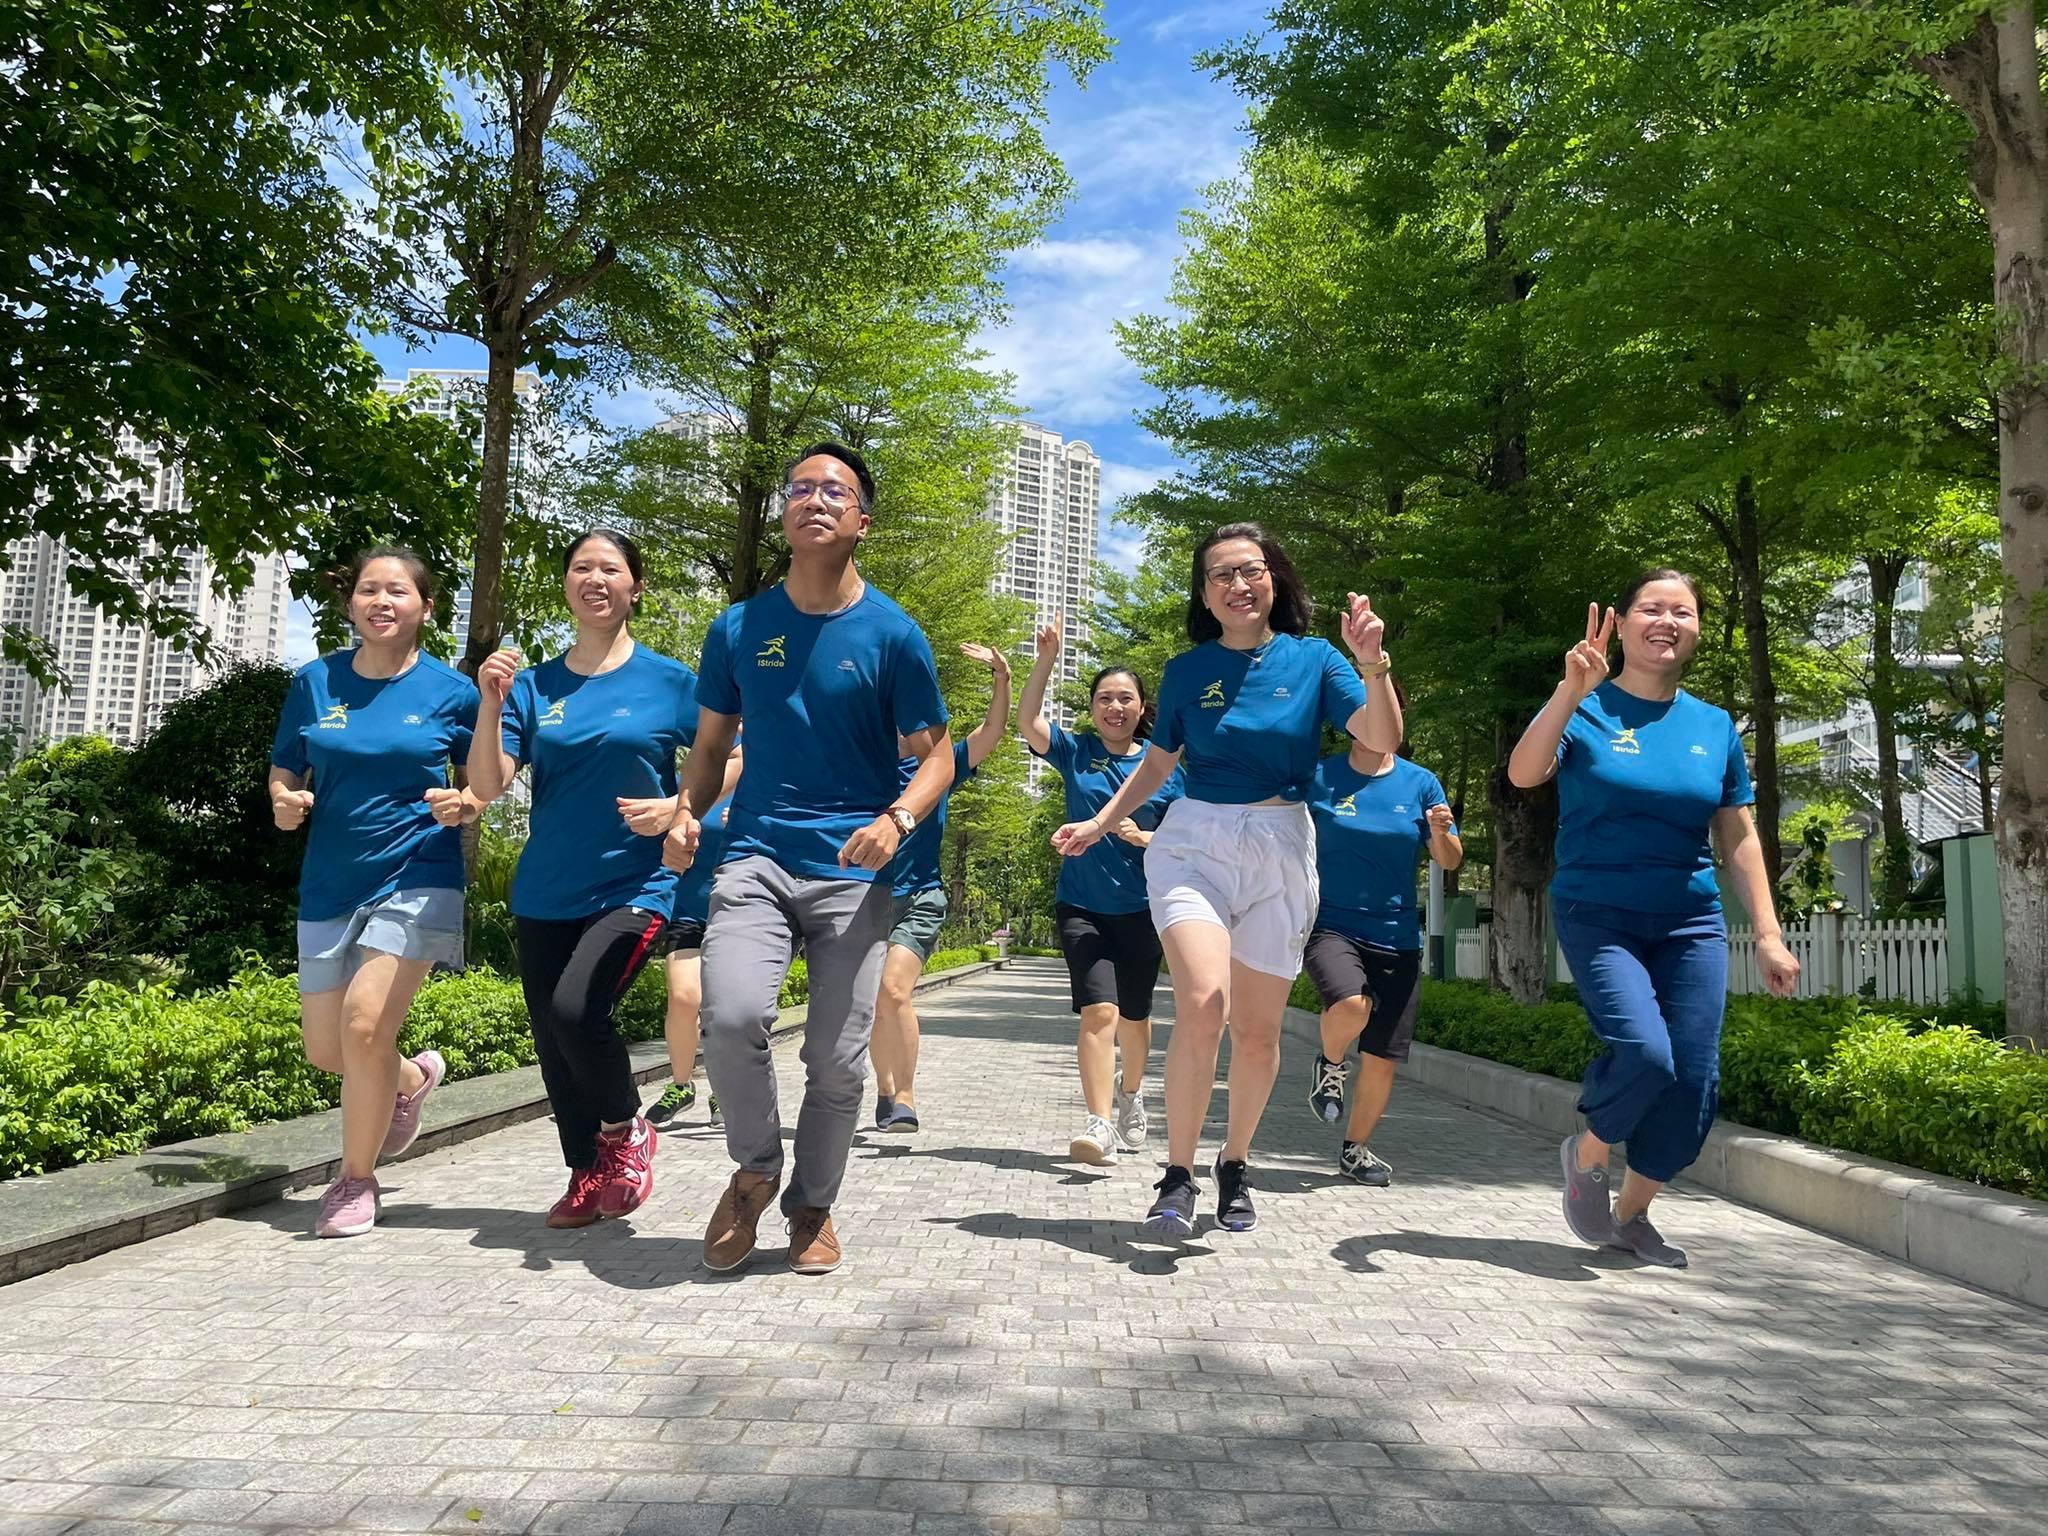 Những runner là cán bộ, giảng viên thuộc Khoa Quốc tế, Đại học Quốc gia Hà Nội. Ảnh: